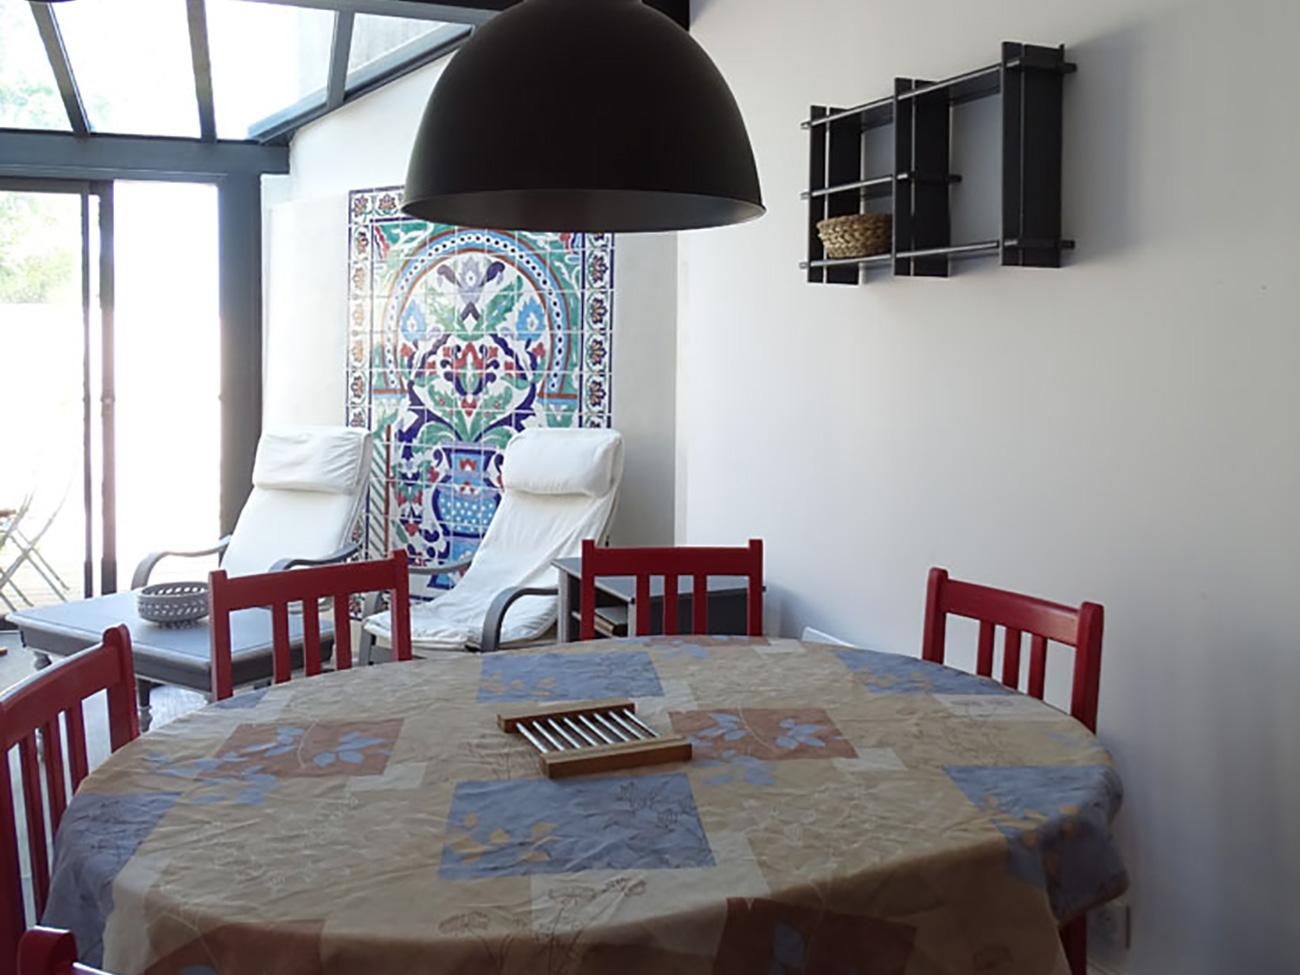 Location Appartement Ile de Ré - Bastingage - Coin repas